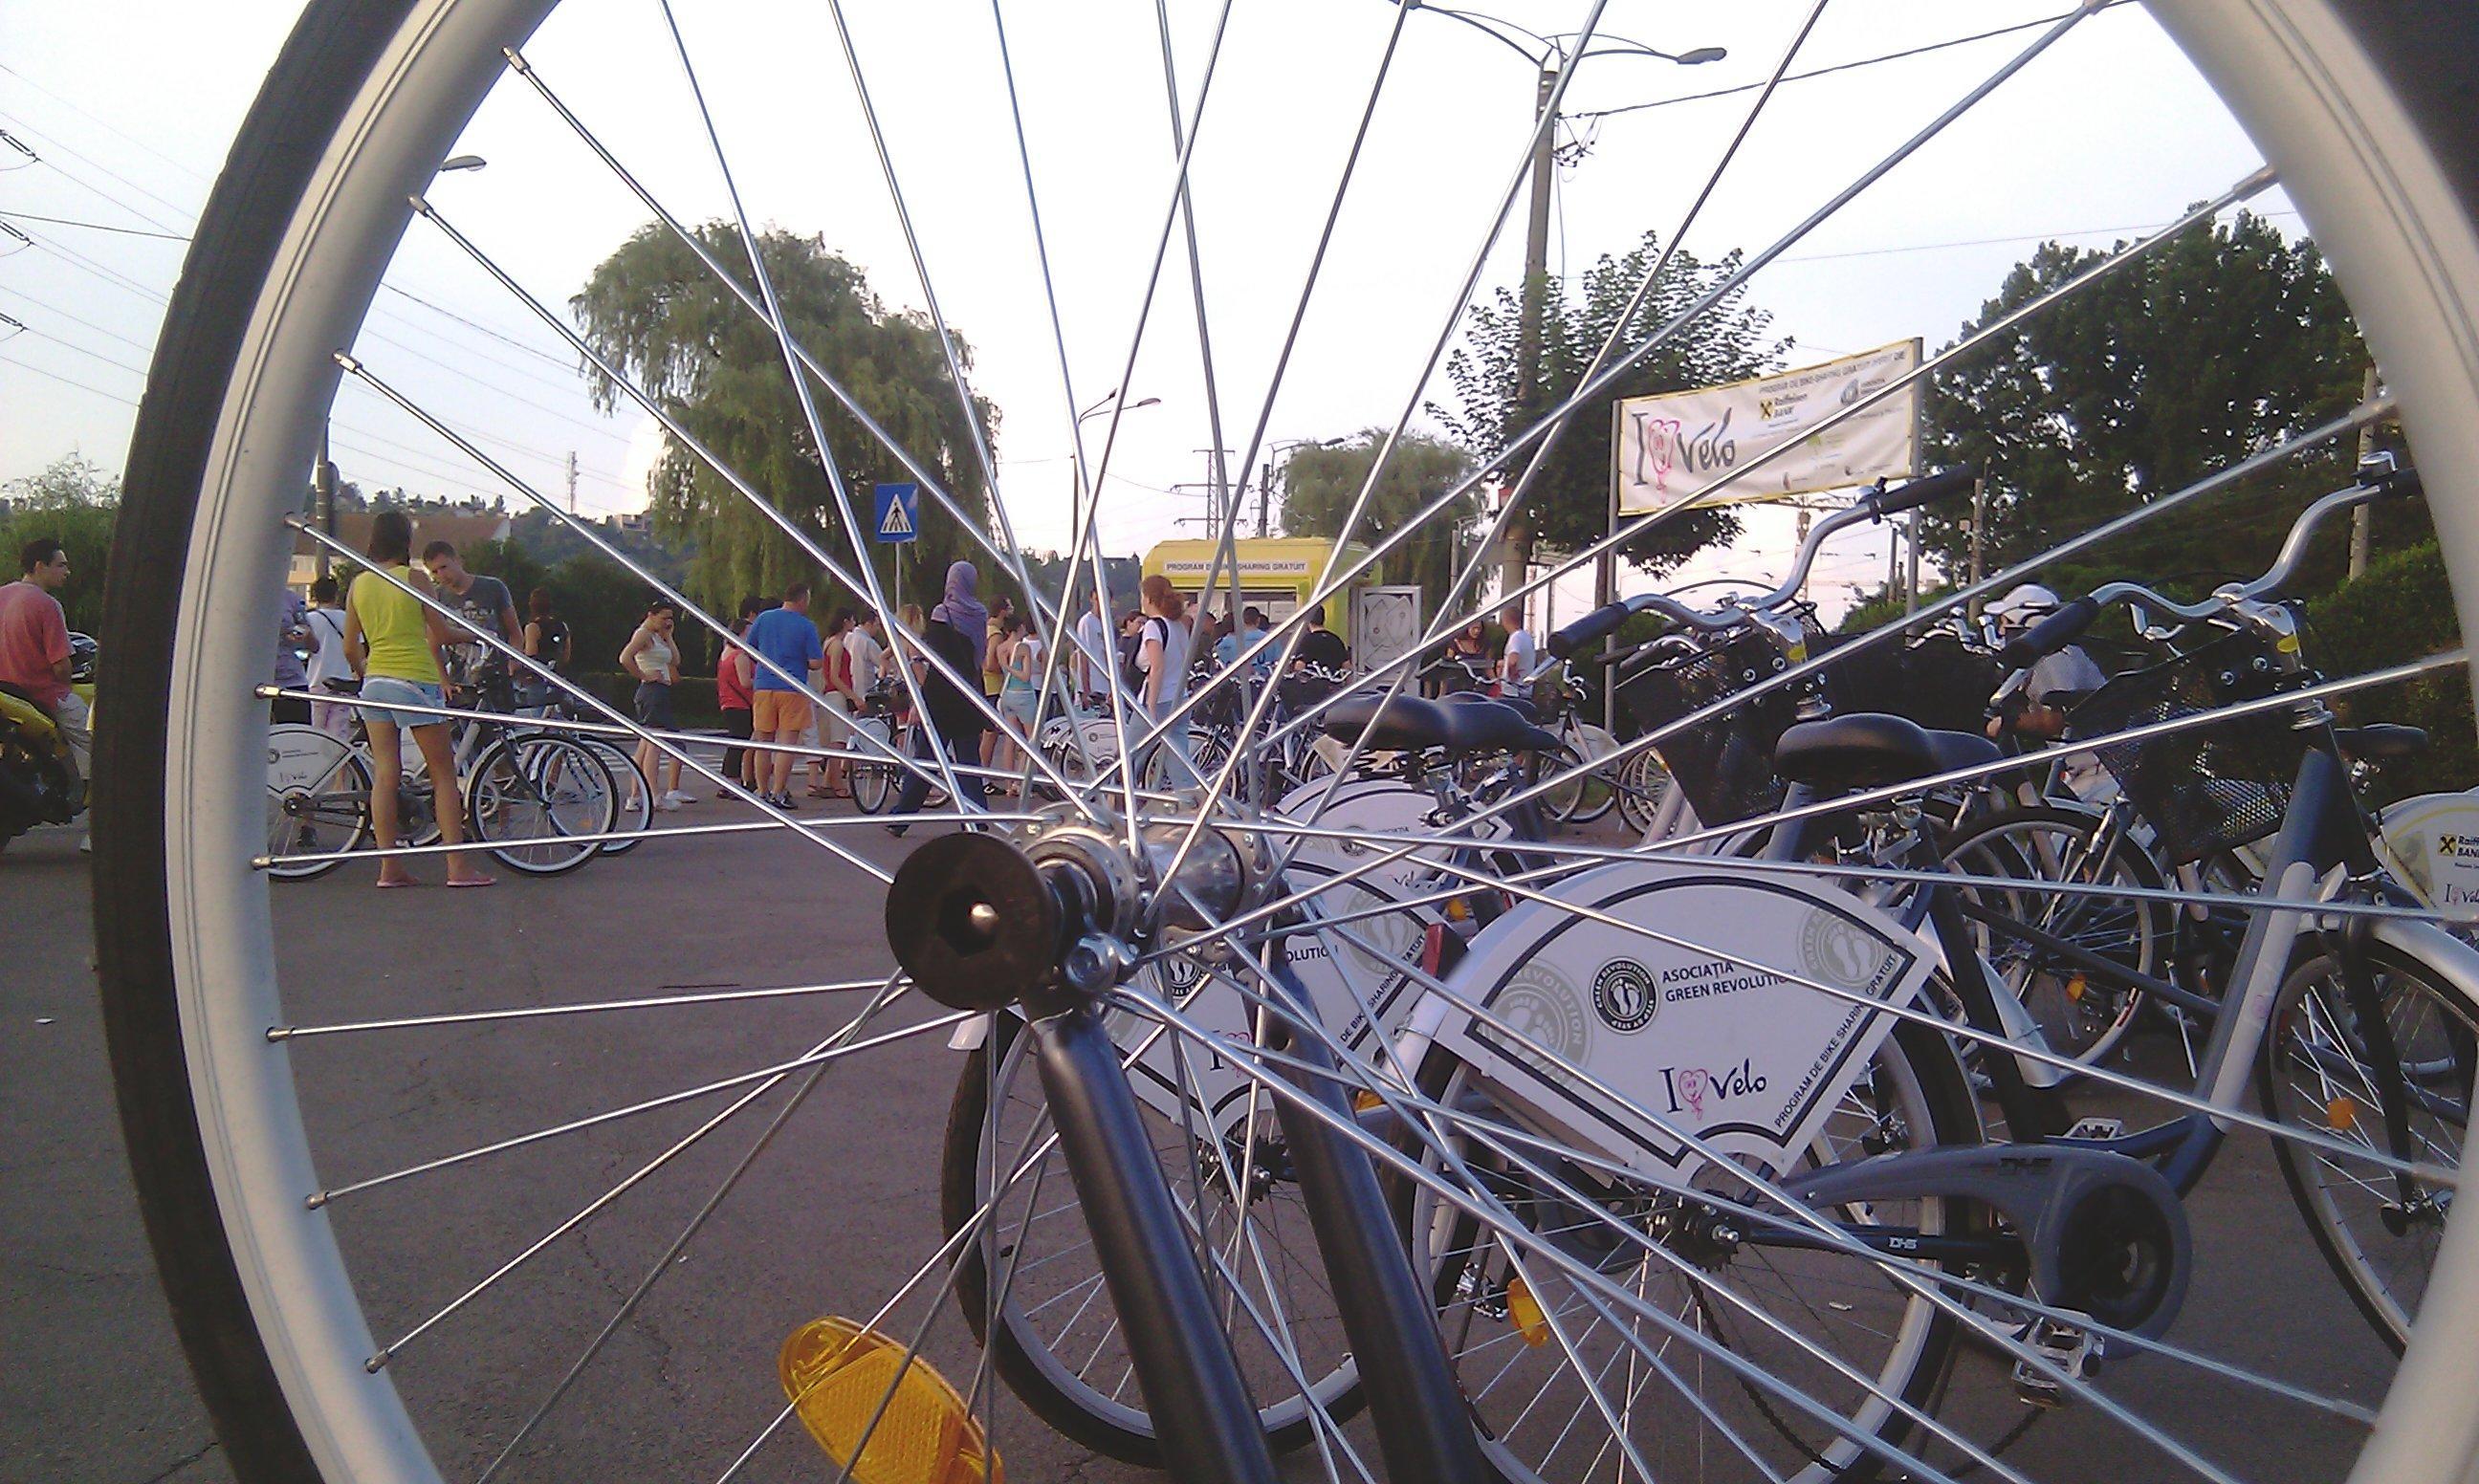 Liberalii cer un centru de bike sharing in Piata Unirii sau Bulevardul Eroilor